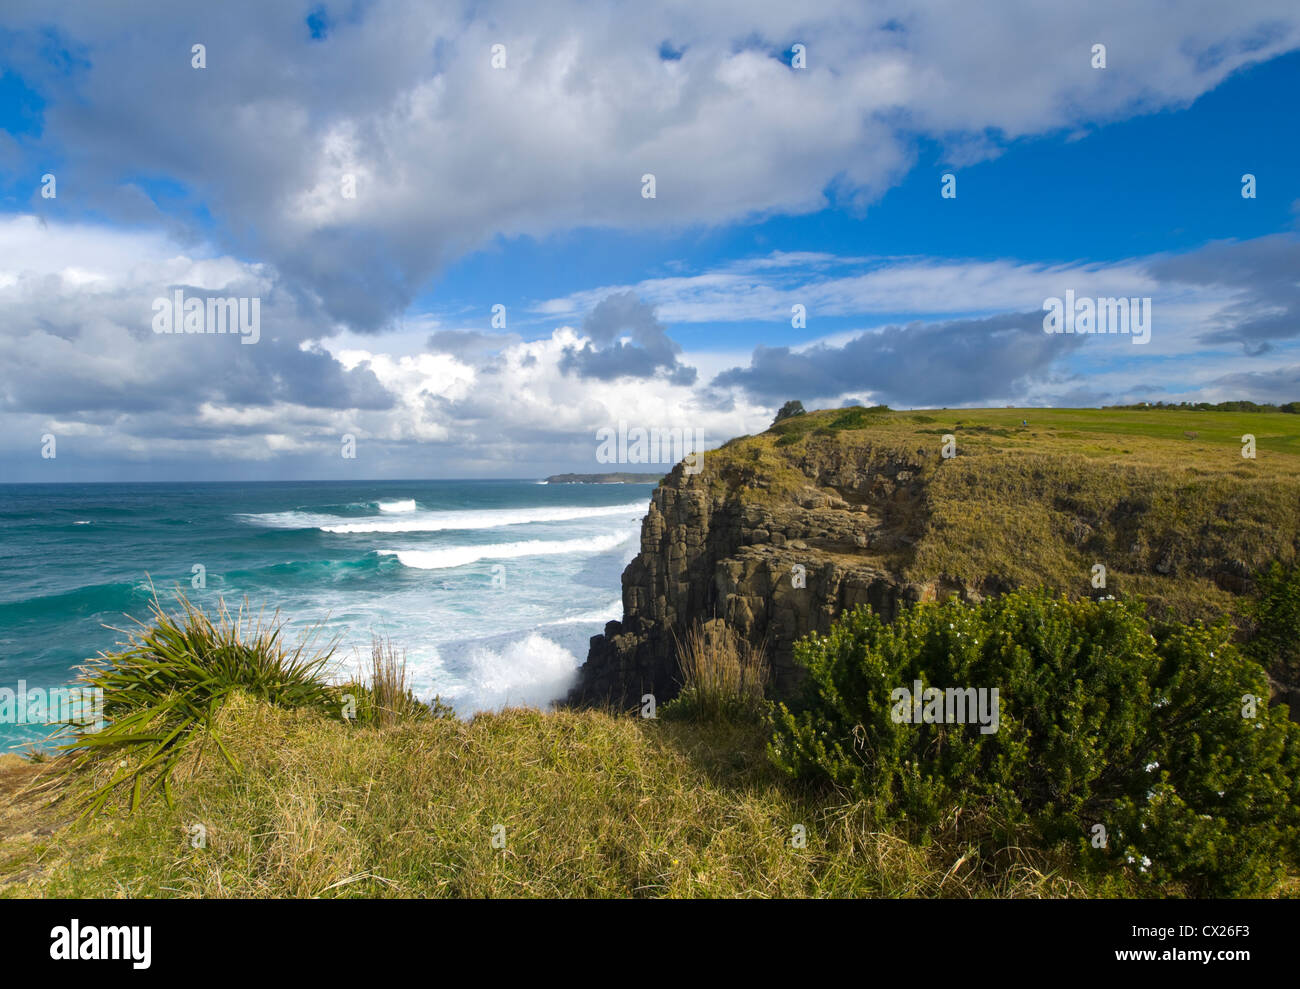 Tempête sur Minnamurra, New South Wales, Australie Photo Stock